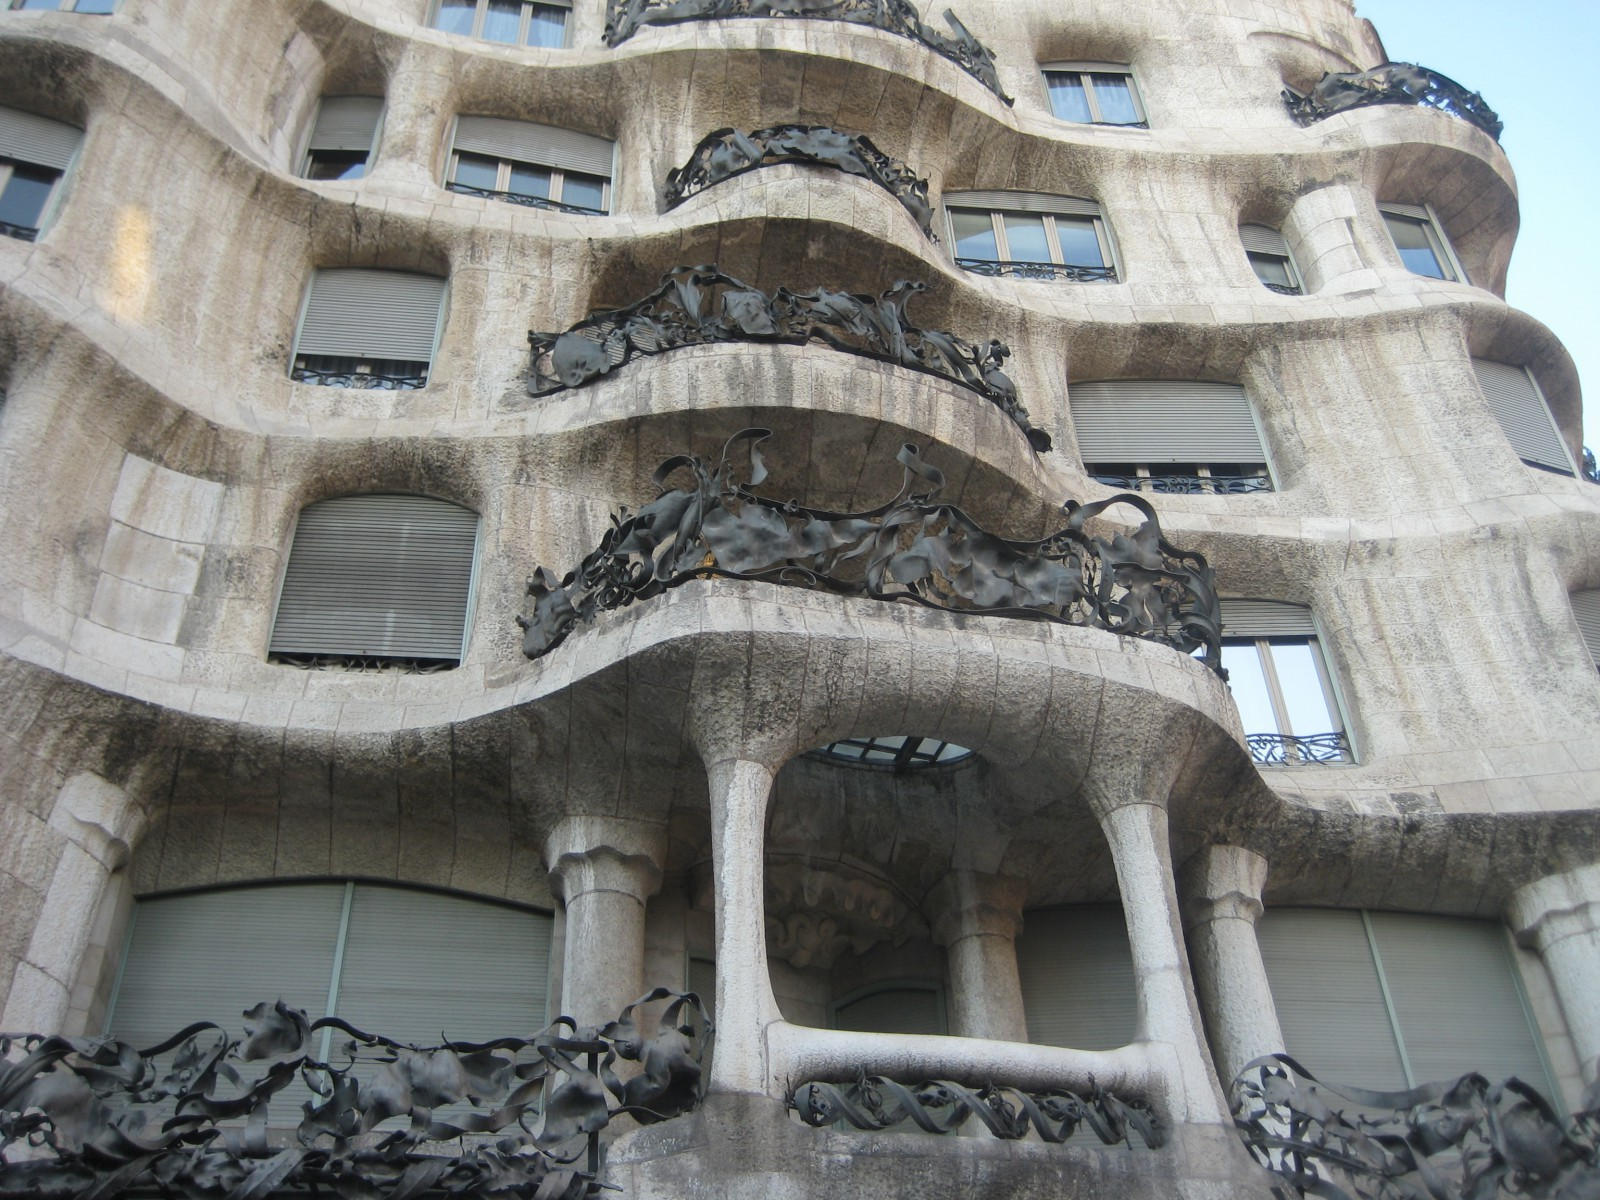 Casa mil la pedrera en barcelona donde viajamos - La casa de las lamparas barcelona ...